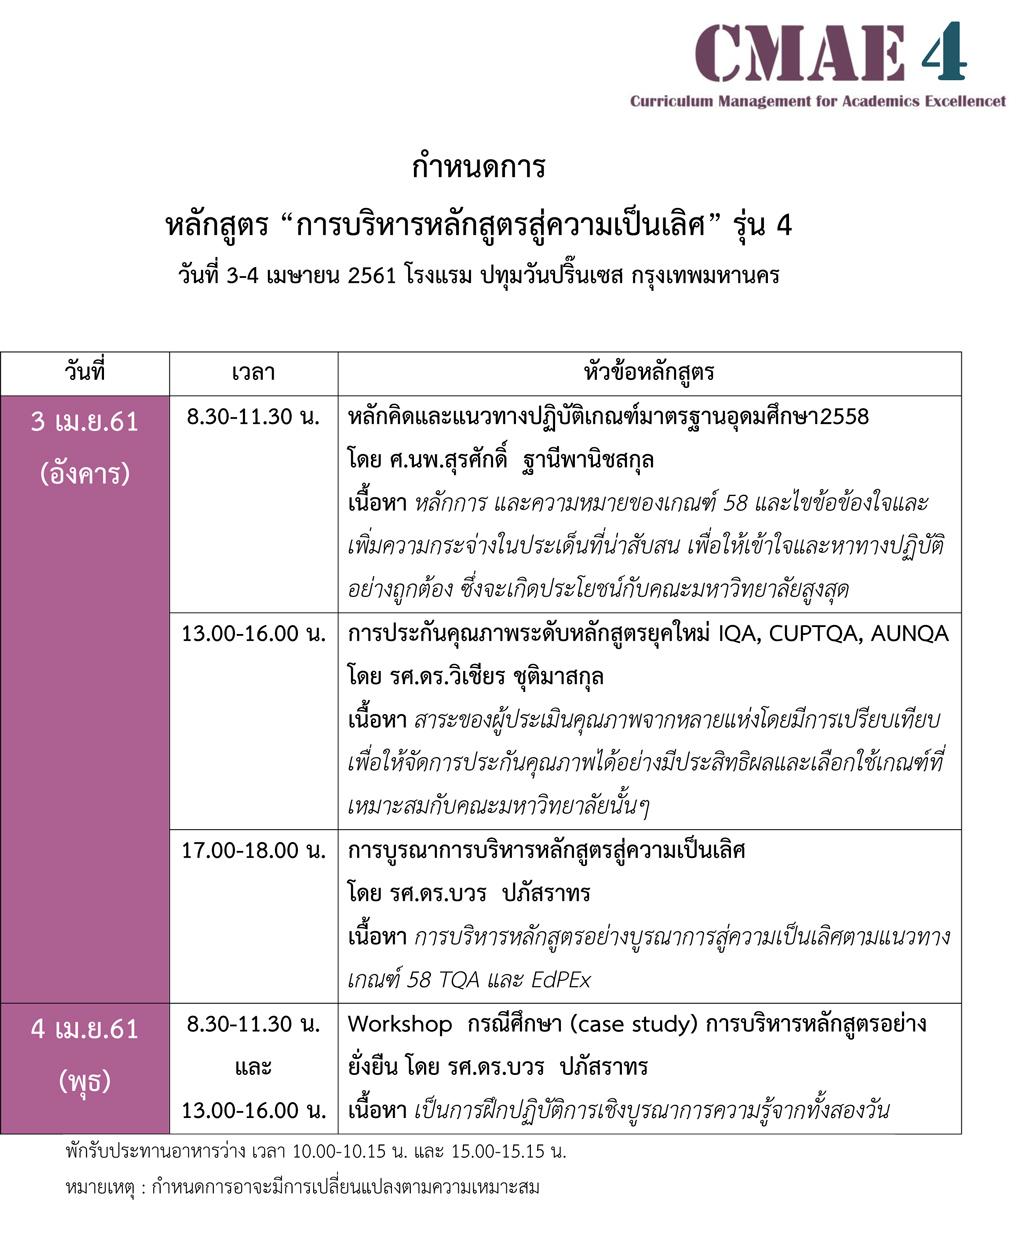 cmae4_agenda